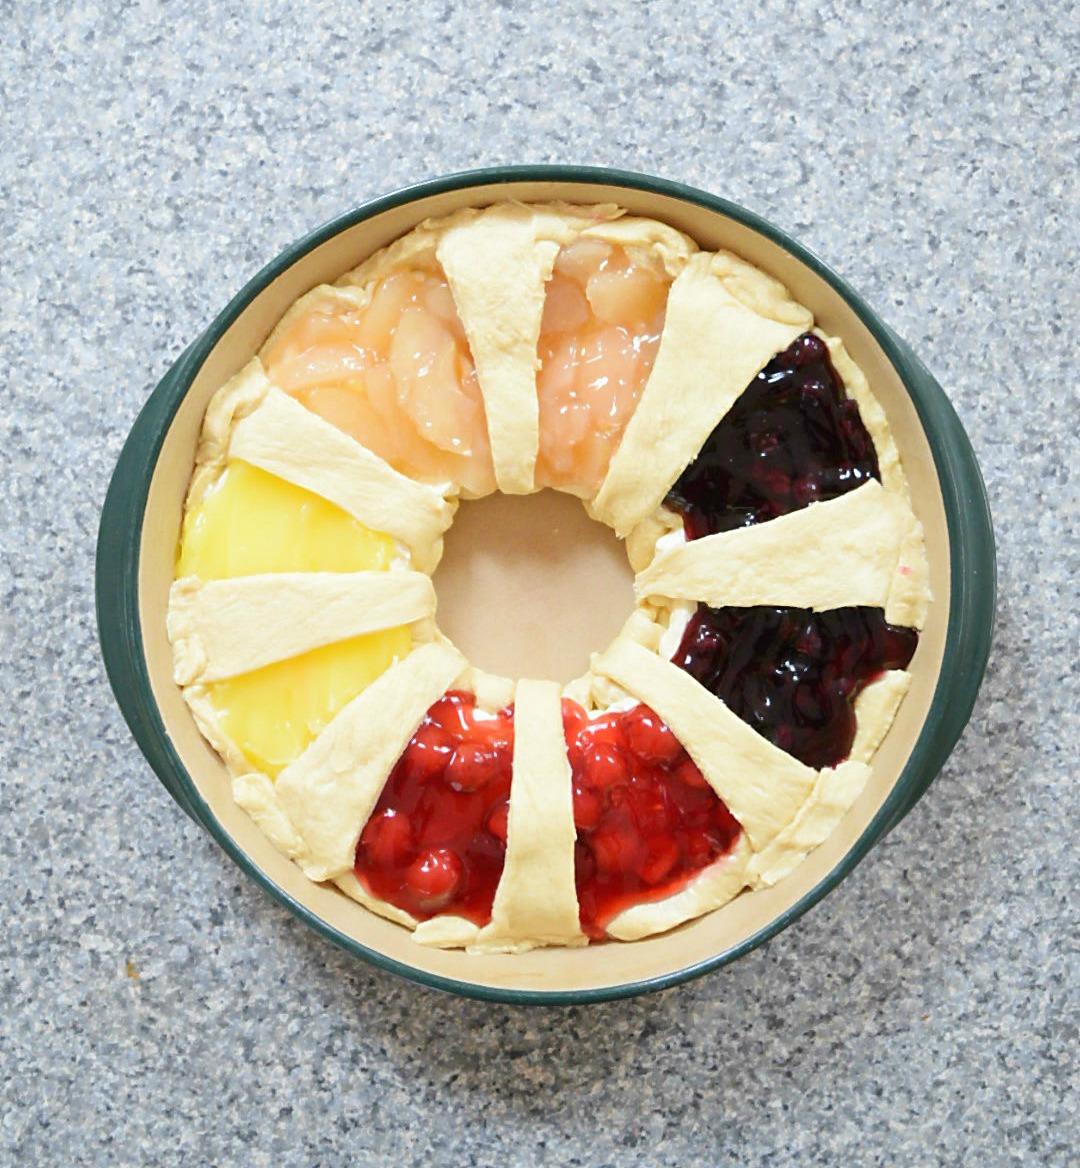 fruitfilledcheesedanish